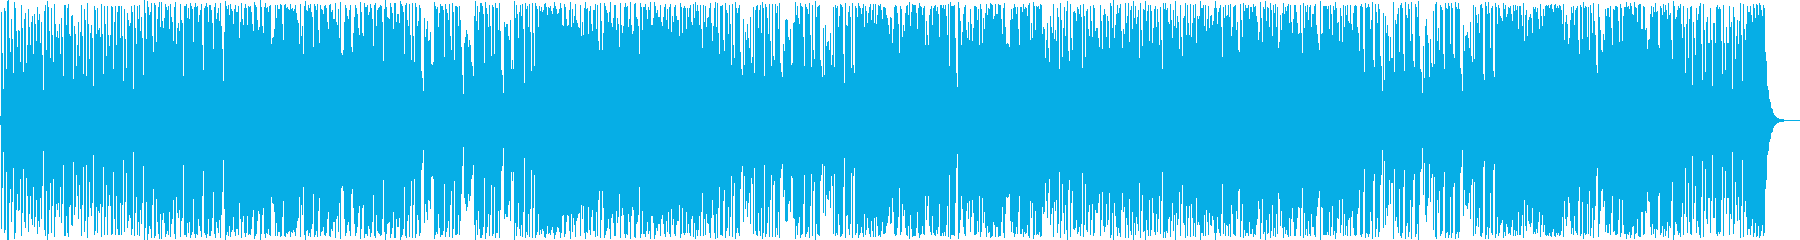 ドキドキ感シンセサイザーサウンドポップの再生済みの波形